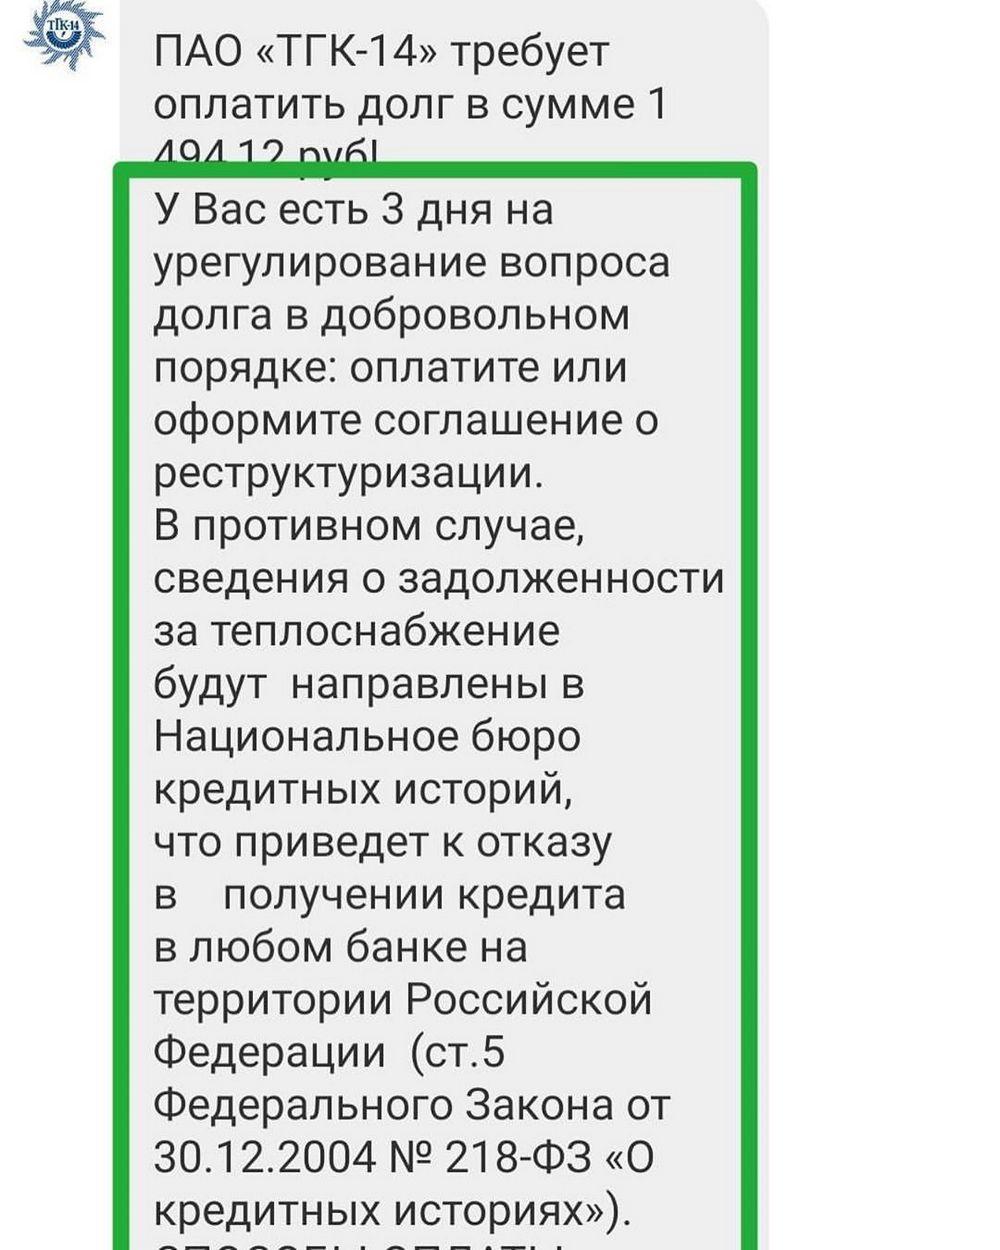 банки красноярска потребительский кредит